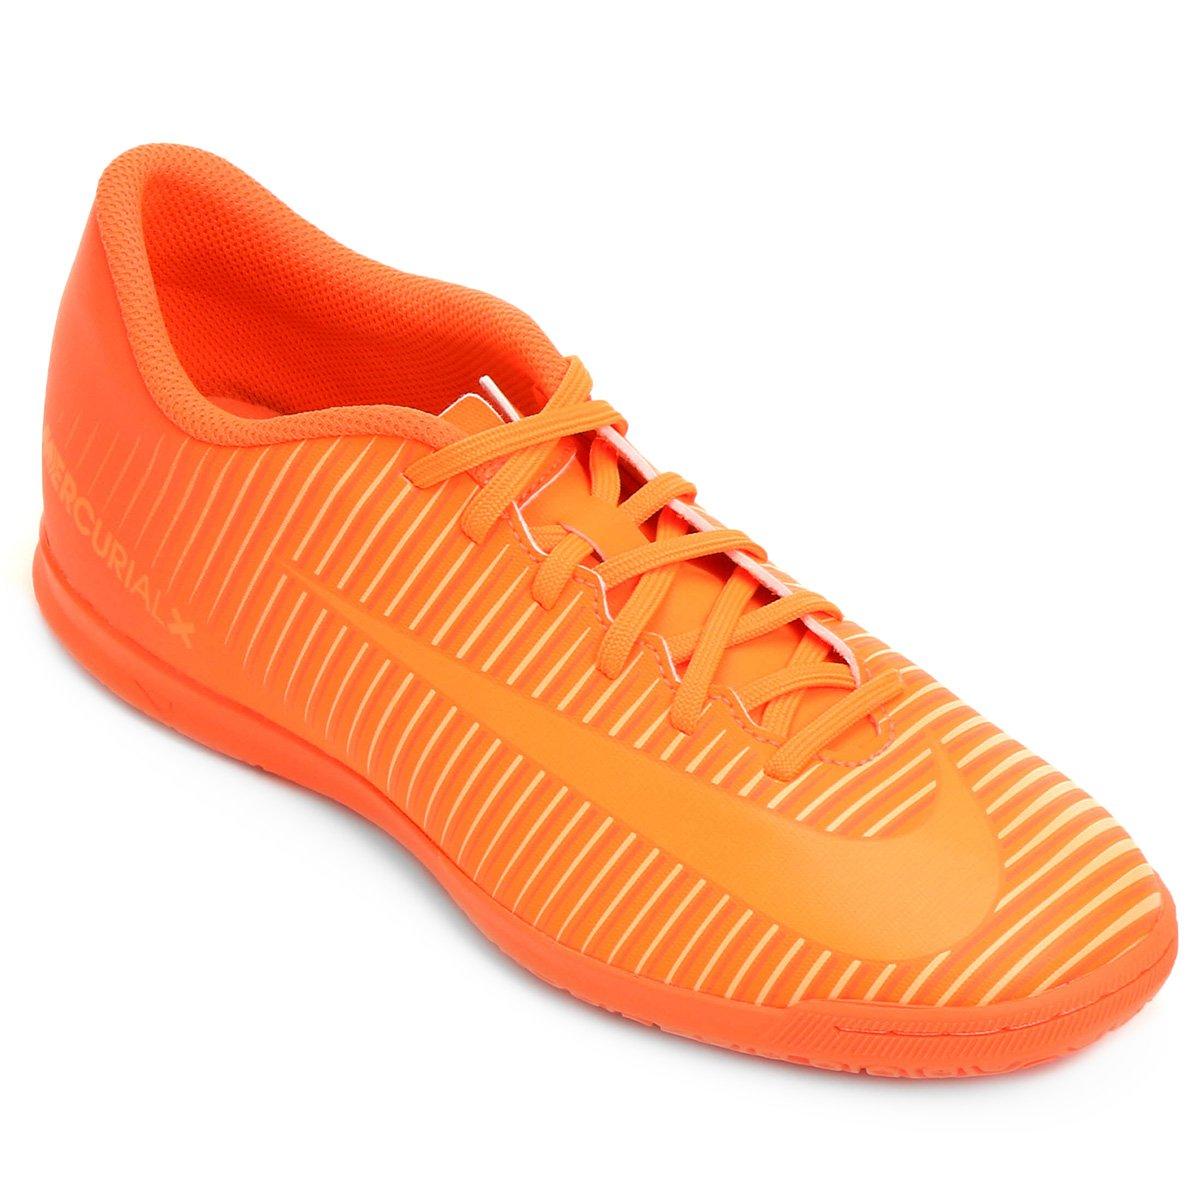 286322b727372 ... best price netshoes chuteira futsal nike mercurial vortex 3 ic masculina  laran tênis db3ff b745f